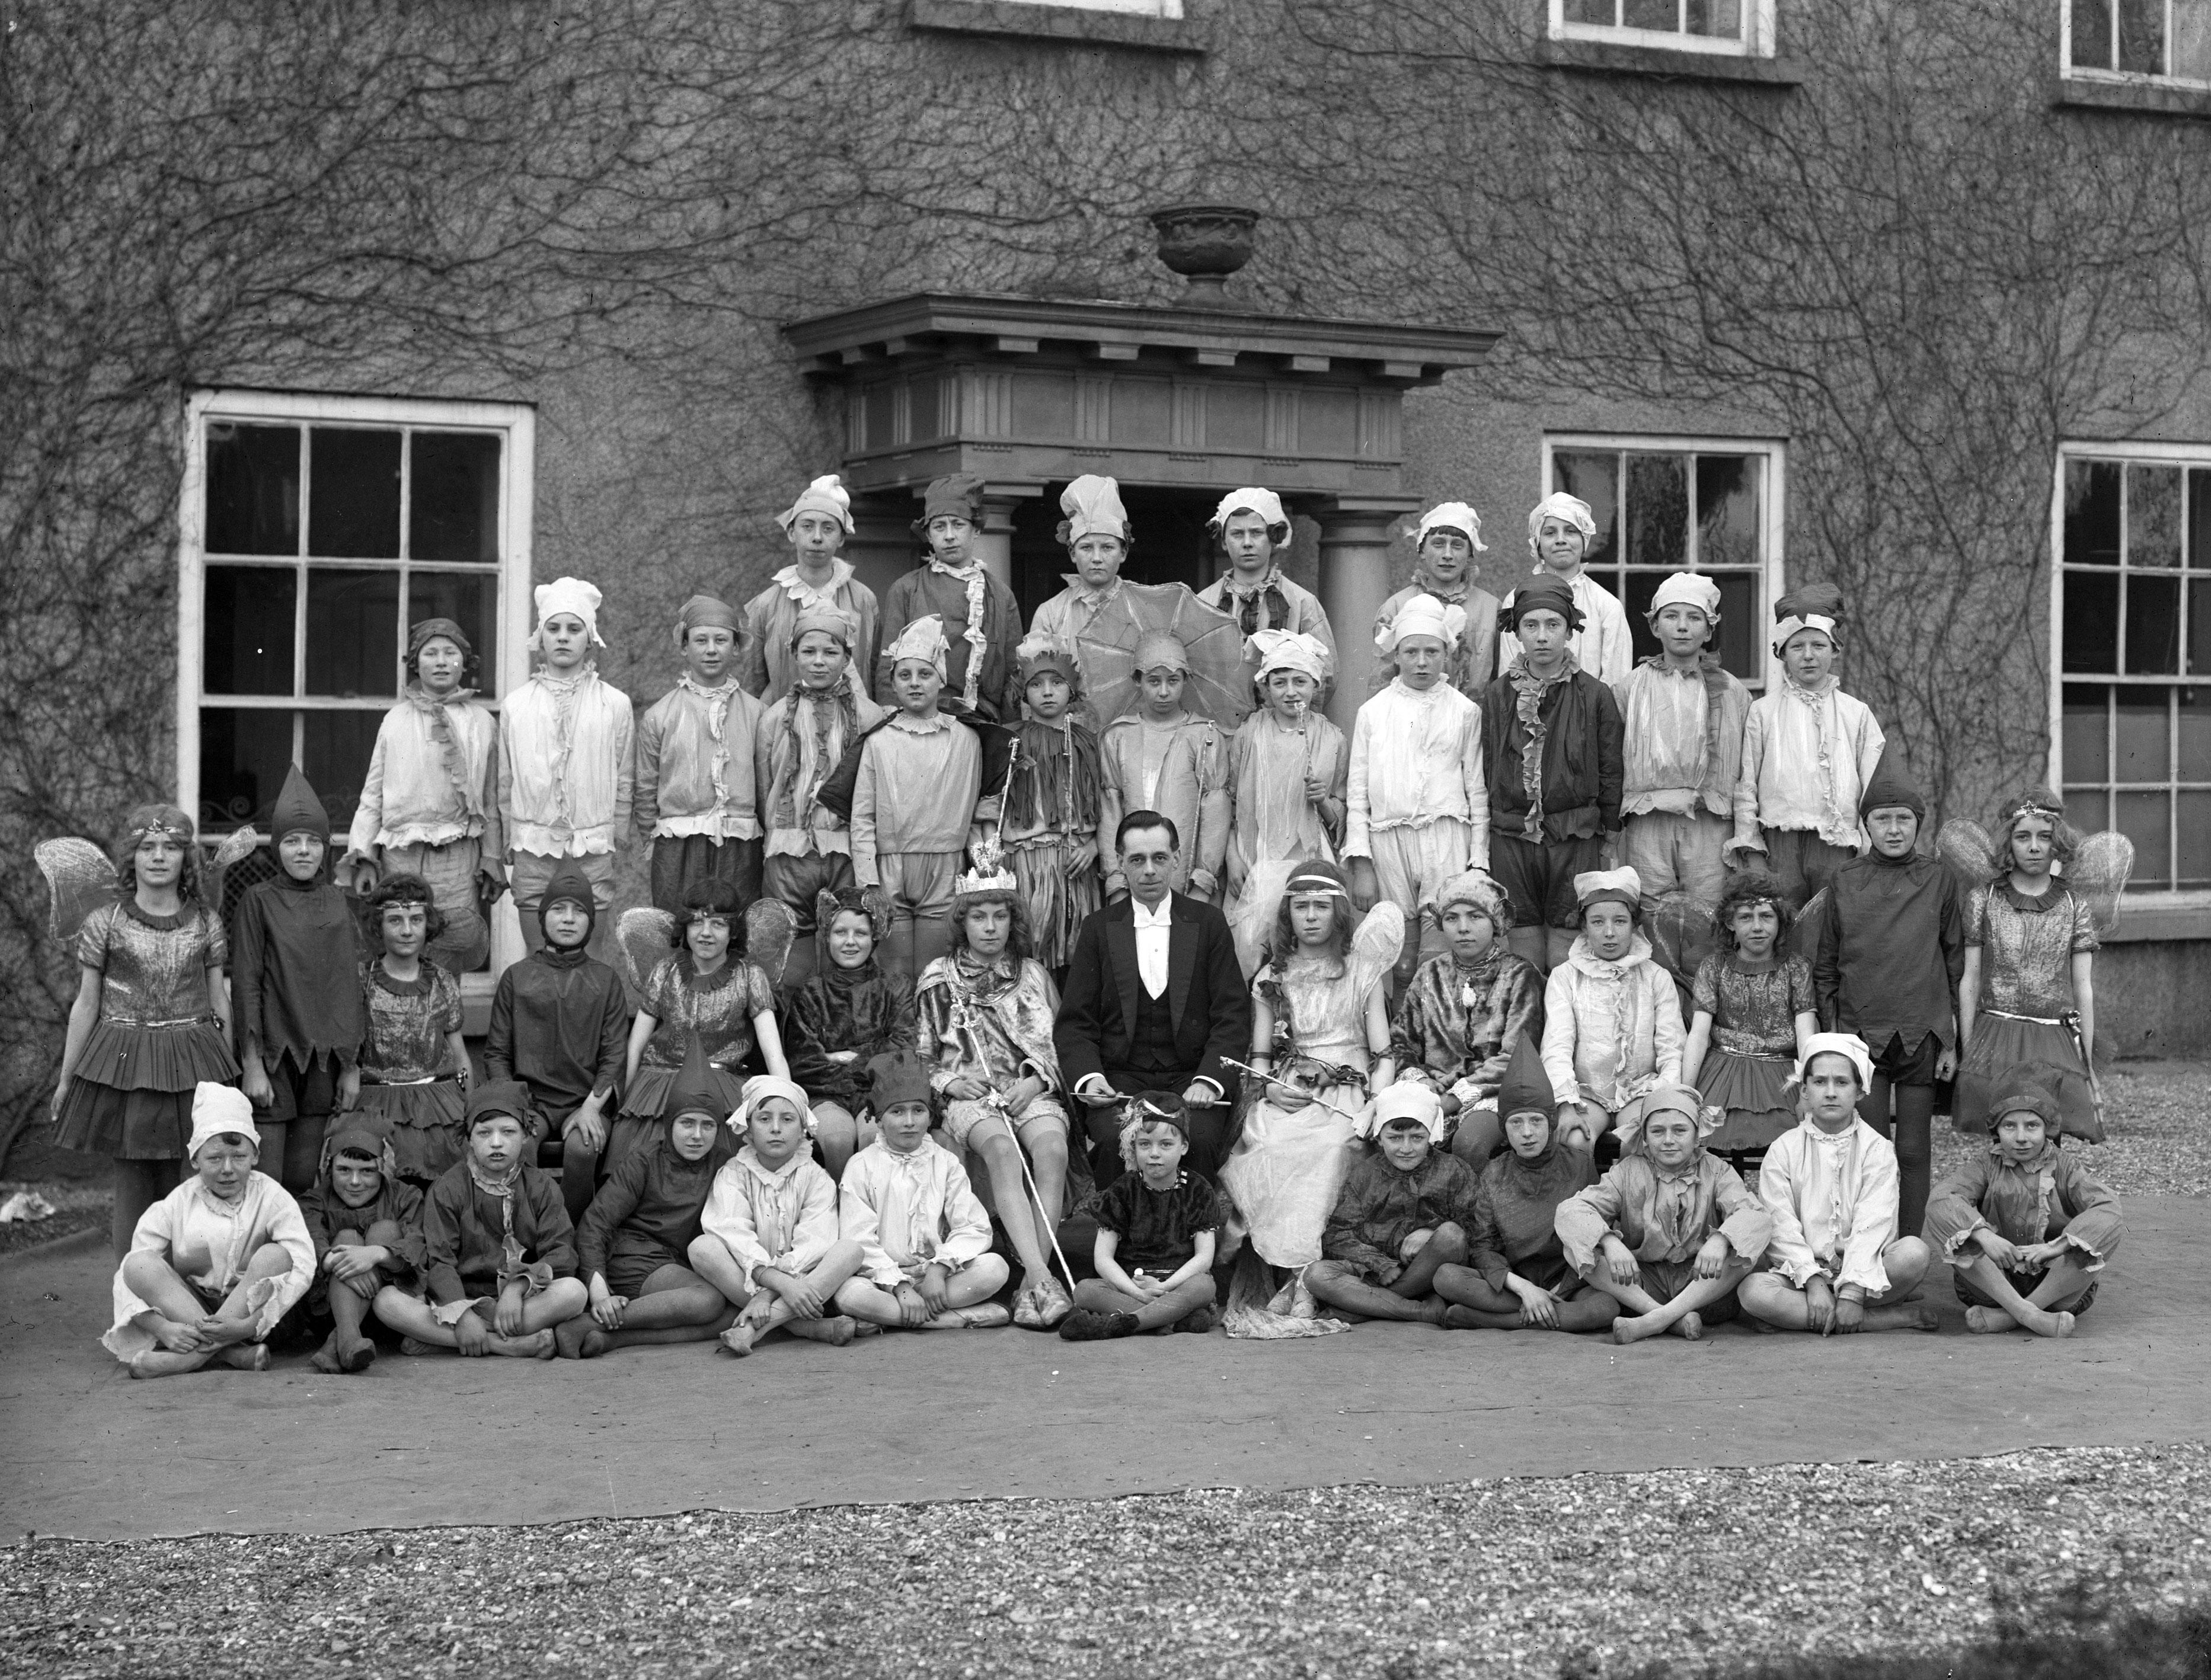 fileschool goers in fancy dress waterpark college waterford 1920s